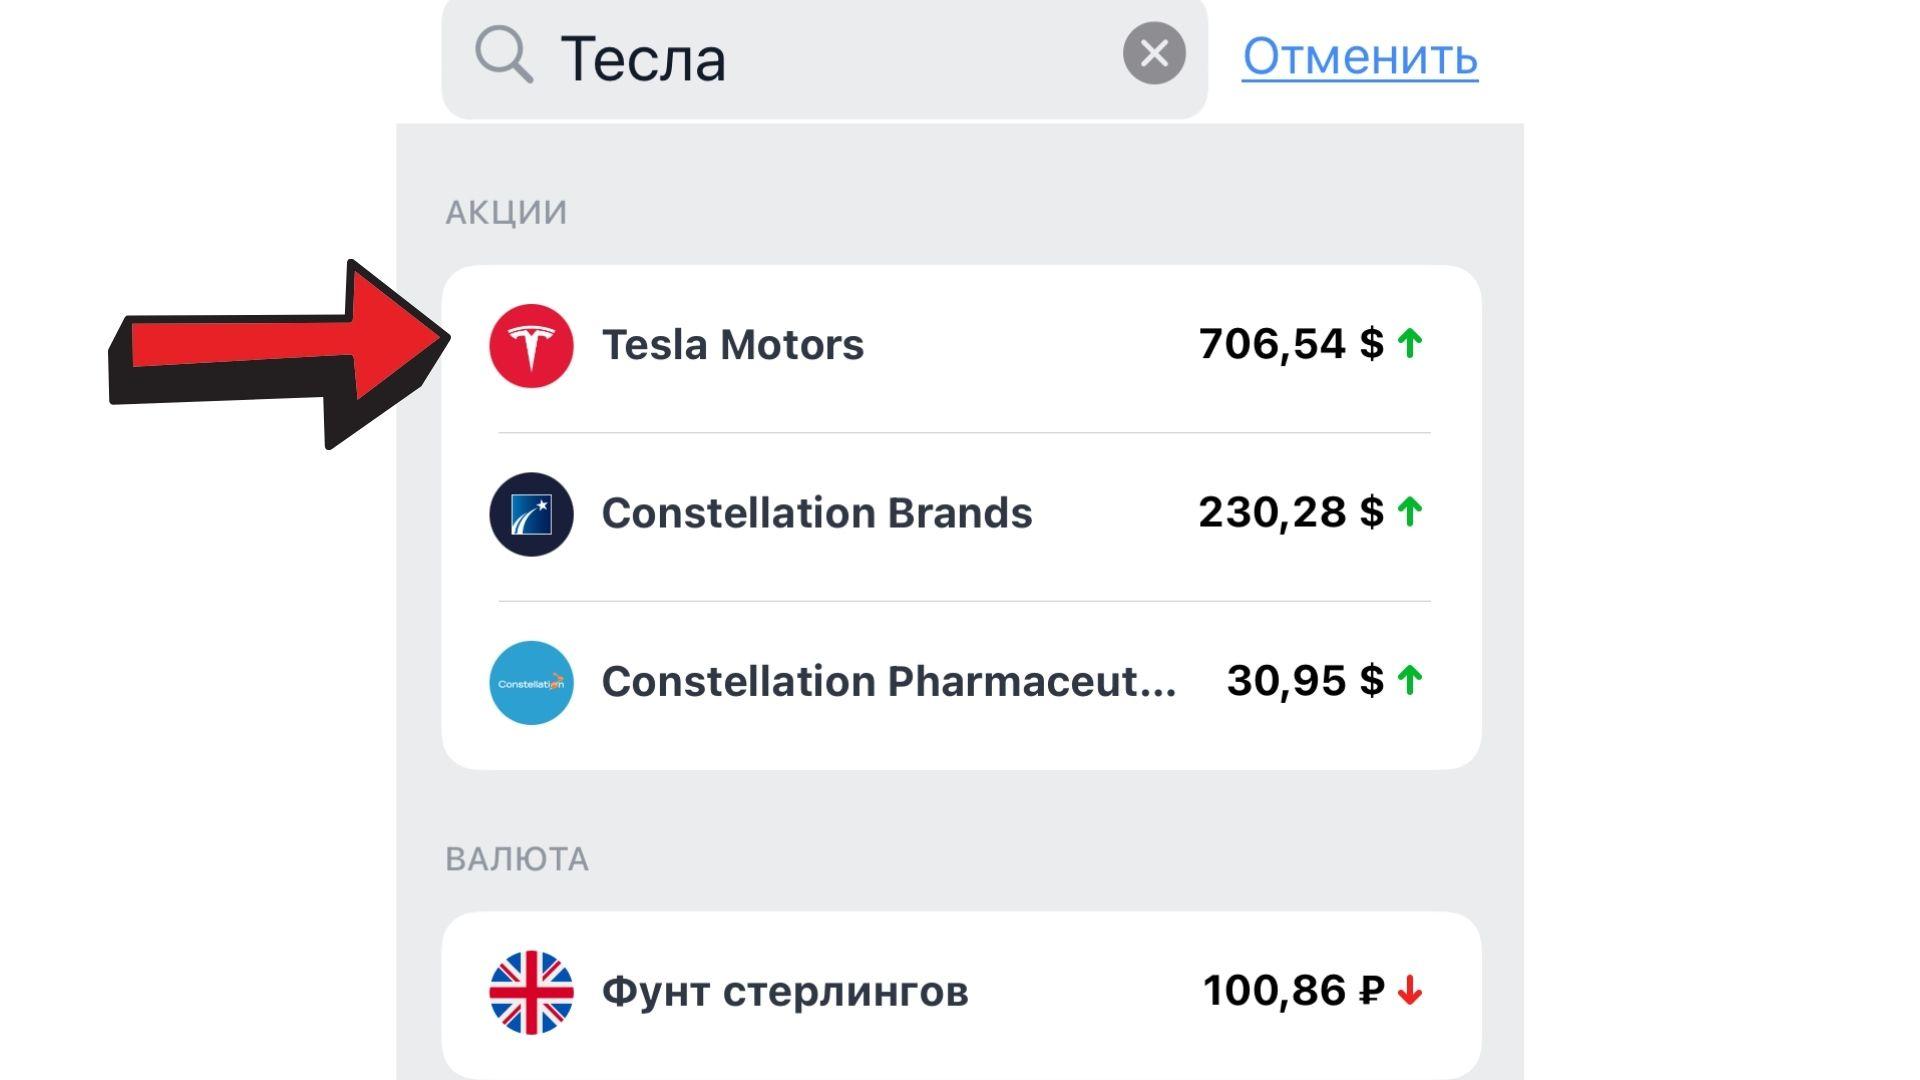 Как купить Акции Тесла в приложении Тинькофф Инвестиции. Инструкция